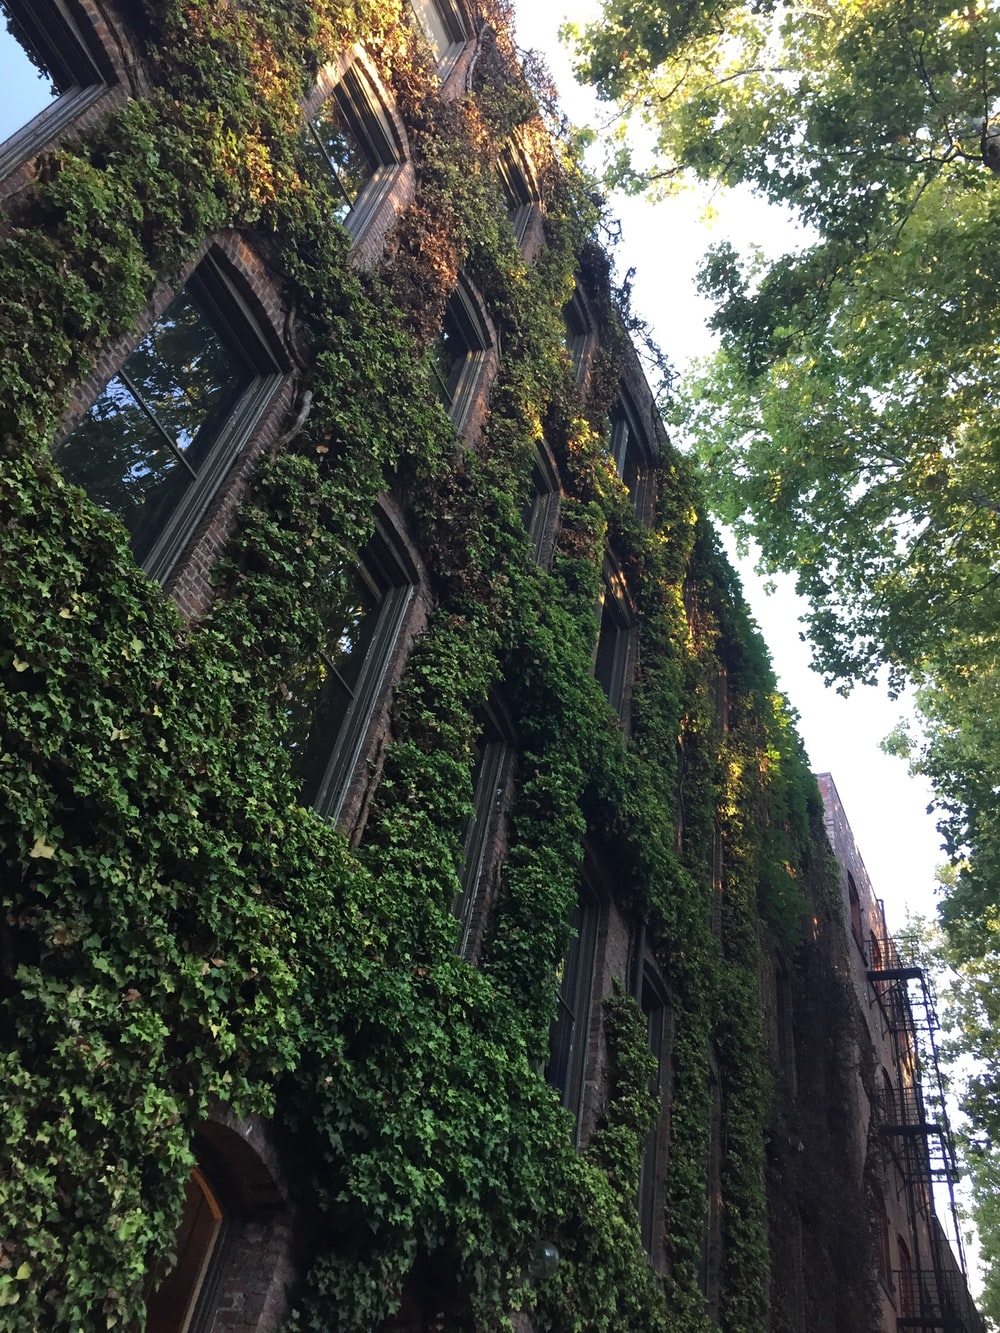 vines on brown brick building